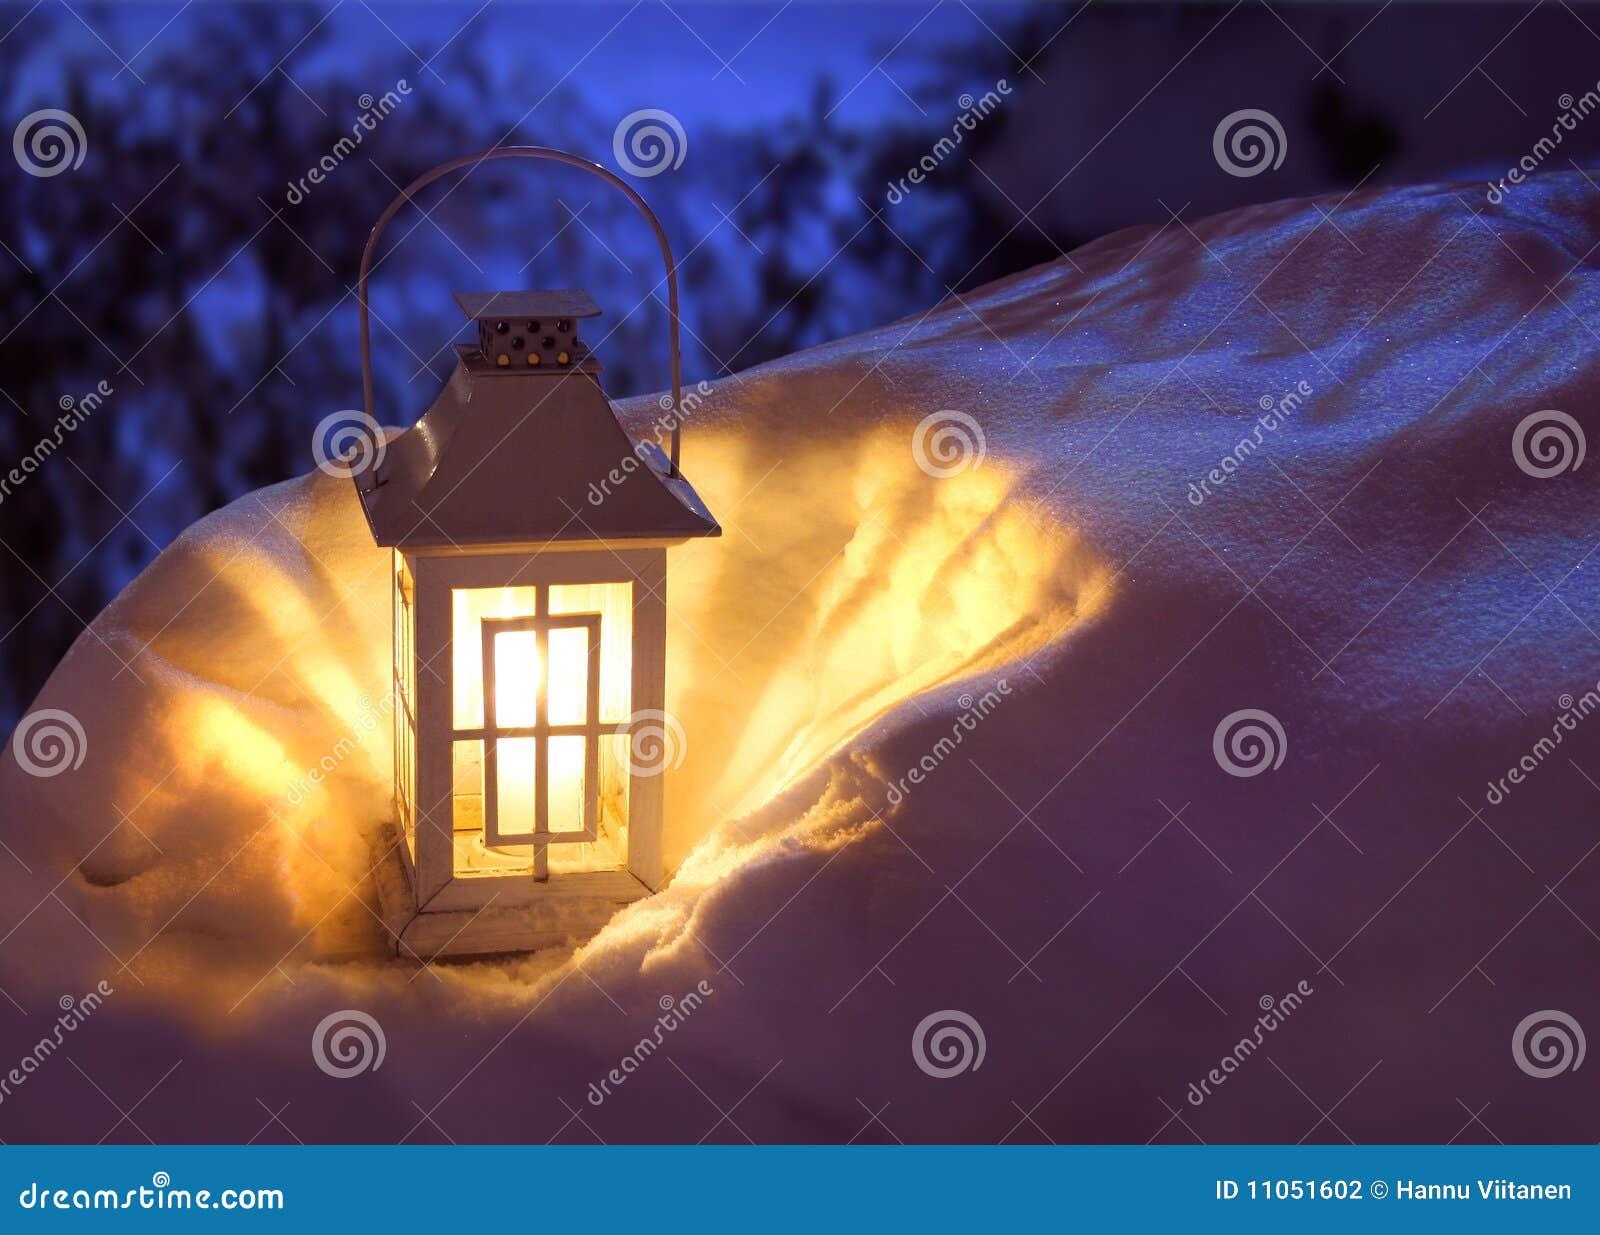 laterne im schnee stockfoto bild von horizontal kruste 11051602. Black Bedroom Furniture Sets. Home Design Ideas